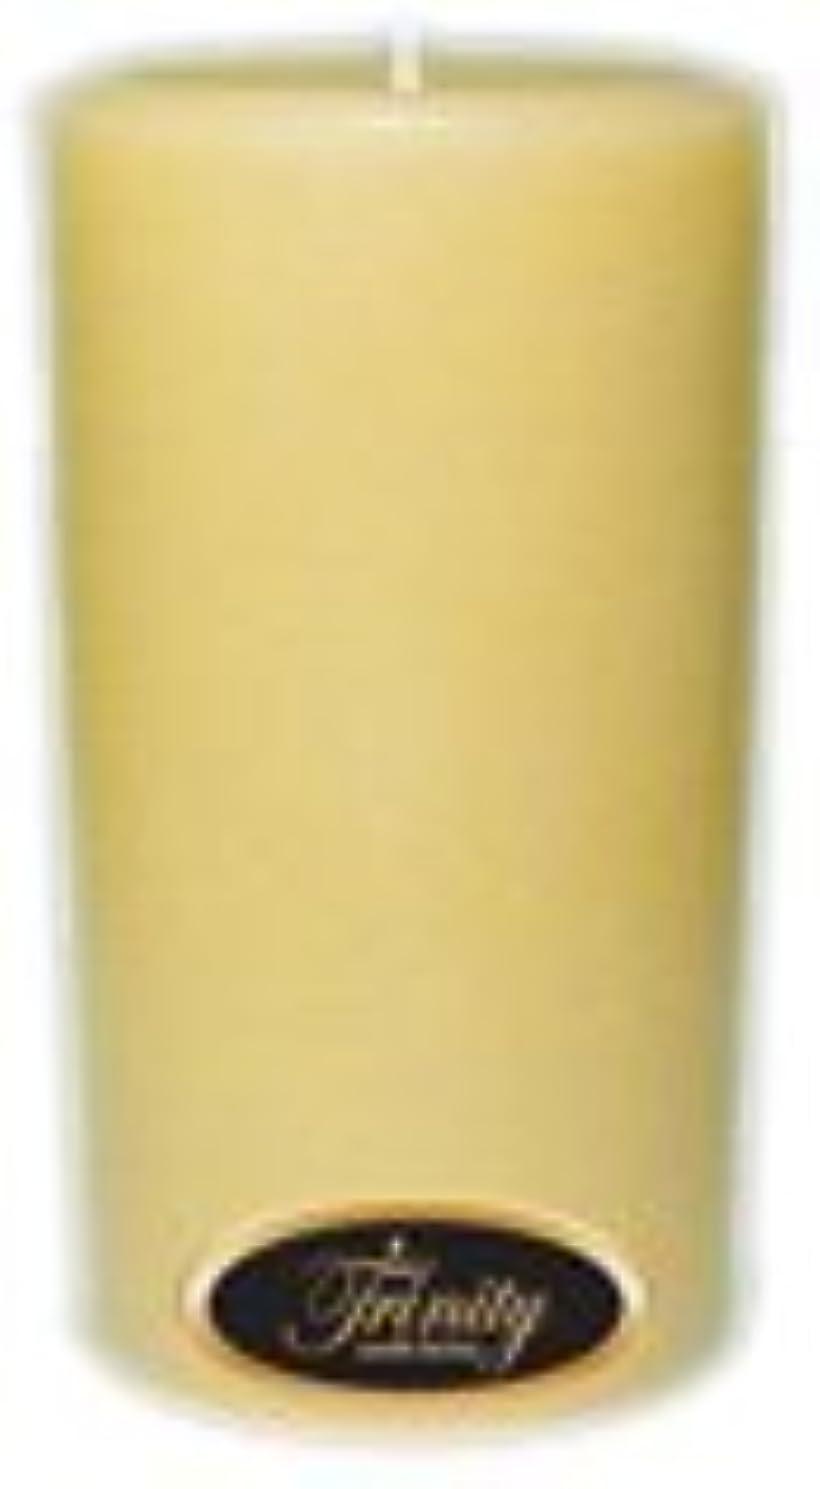 ゴールデン反応する寝具Trinity Candle工場 – Vanilla Spice – Pillar Candle – 3 x 6